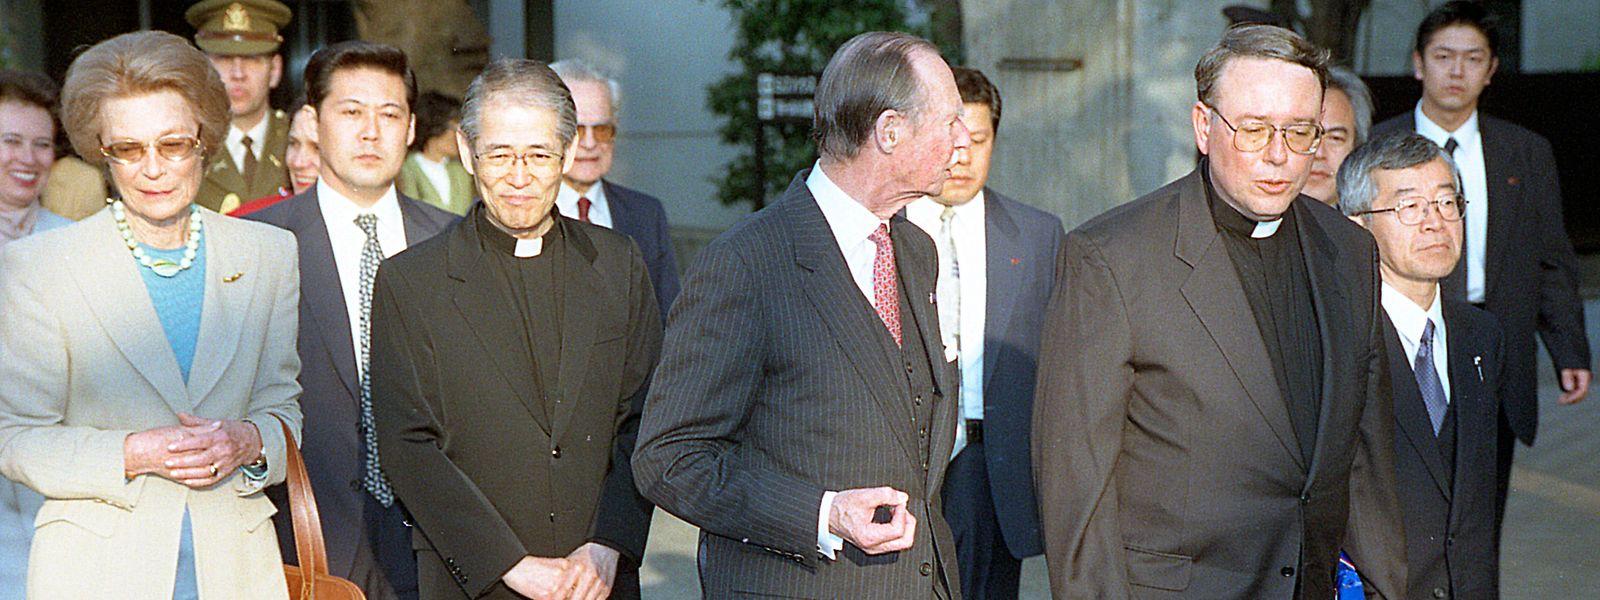 Erzbischof Jean-Claude Hollerich zusammen mit Großherzog Jean und Großherzogin Joséphine-Charlotte während der Staatsvisite in Japan im Jahr 1999. Hollerich lehrte damals an der Sophia-Universität in Tokio.